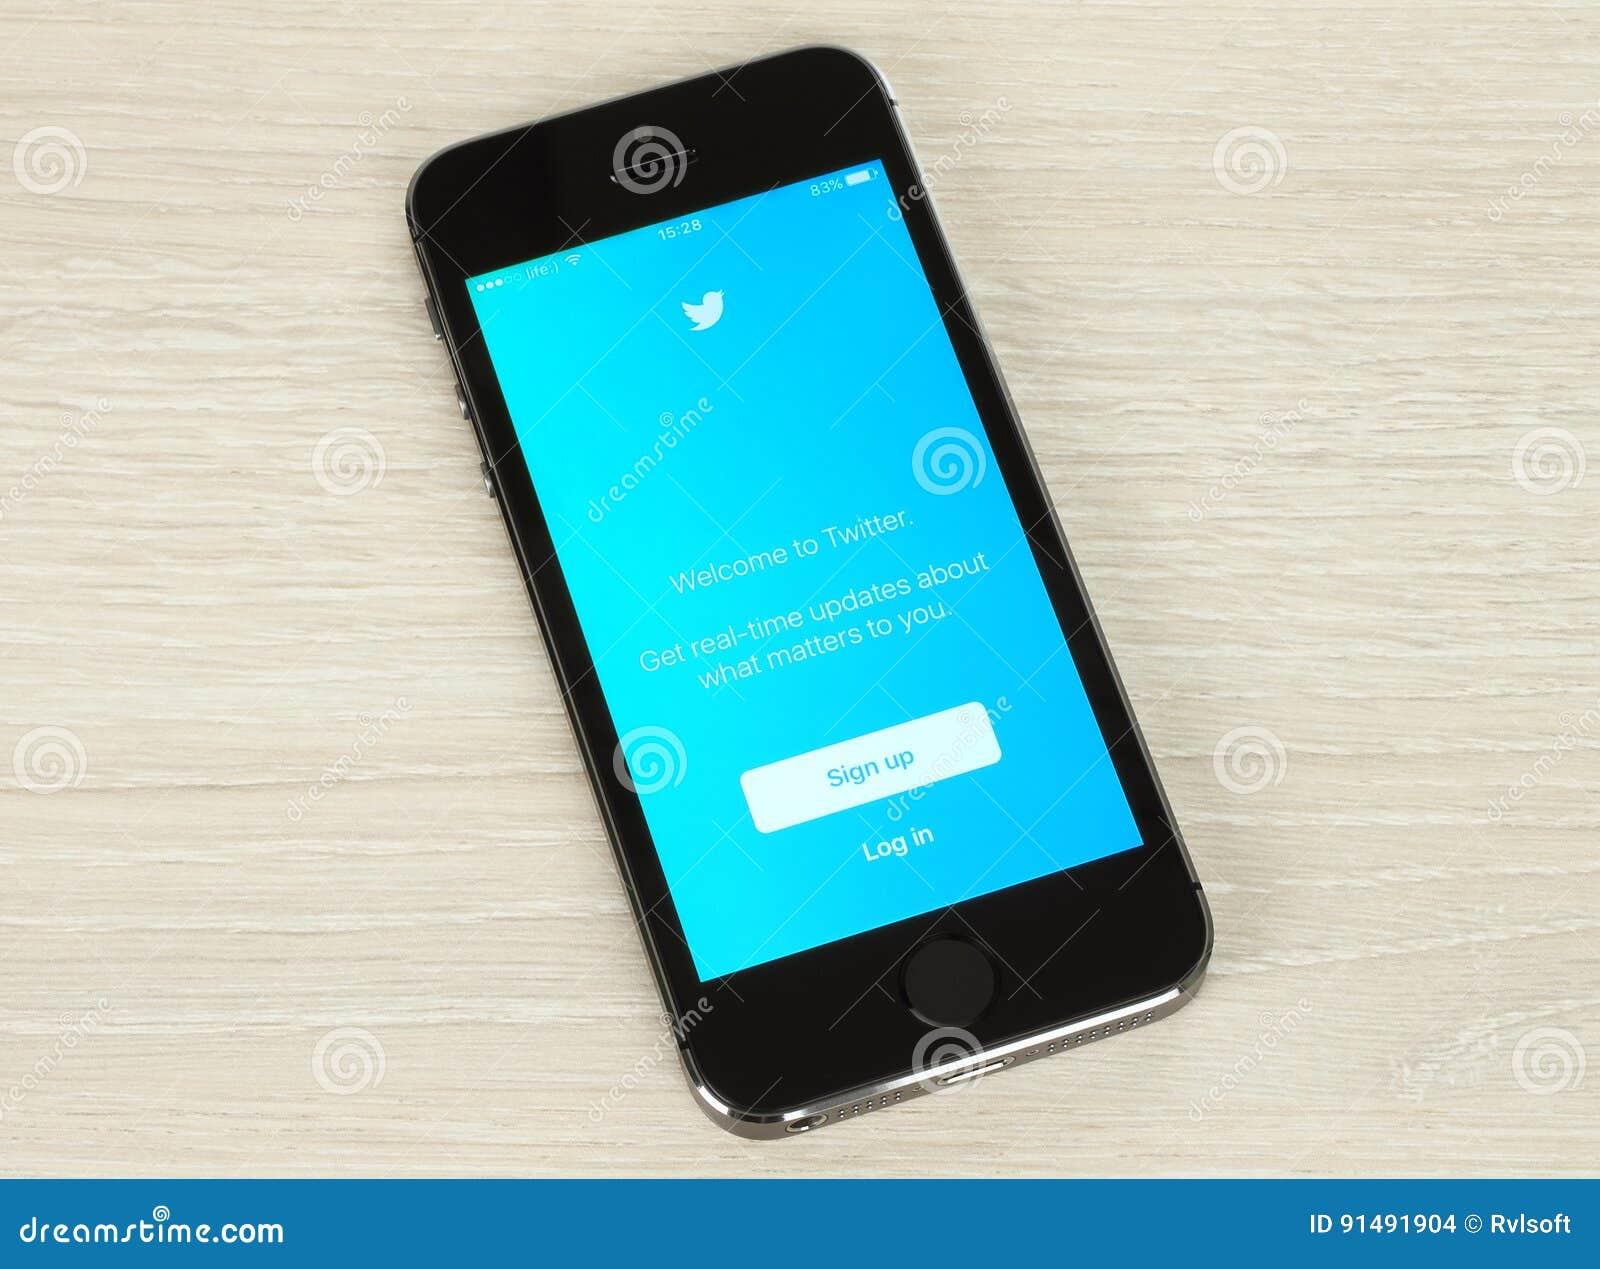 Умный телефон с интернет-страницей имени пользователя Twitter на своем экране